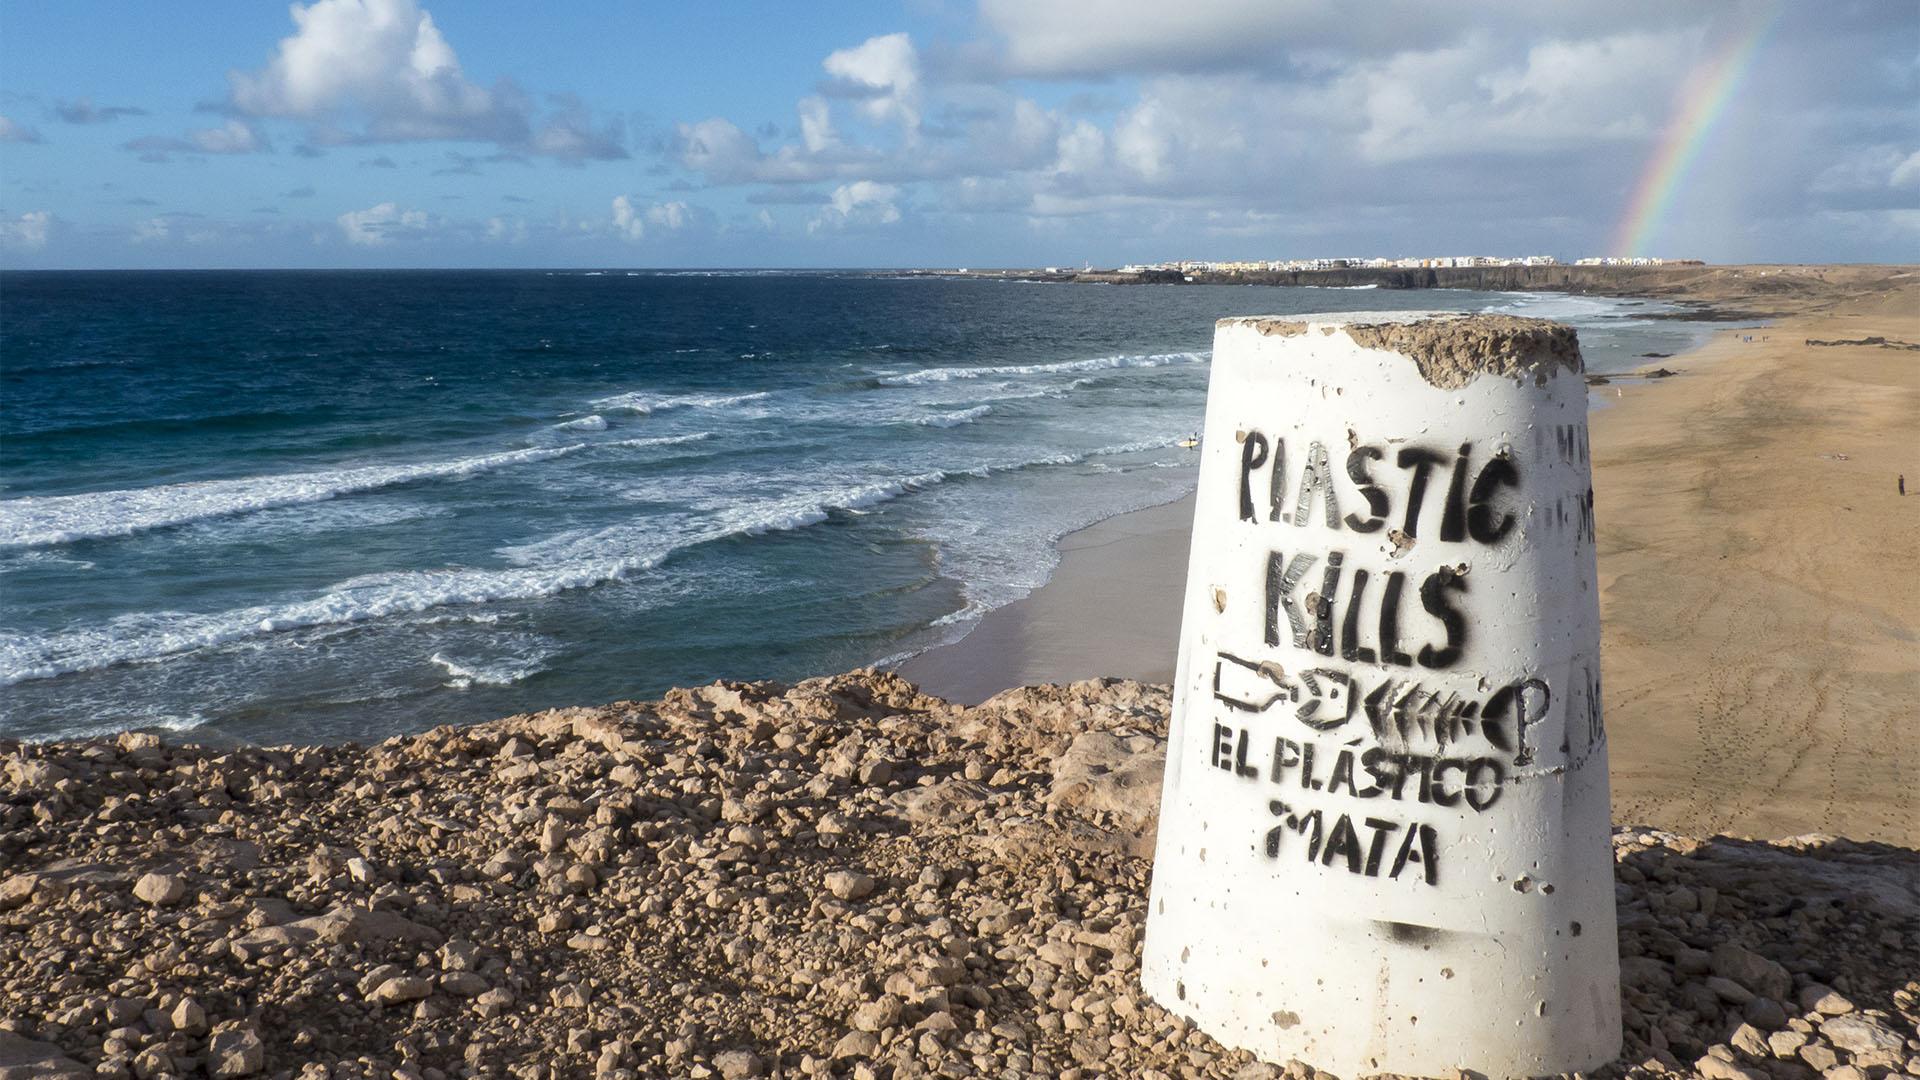 Die Strände Fuerteventuras: Playa del Castillo (Piedra Playa)